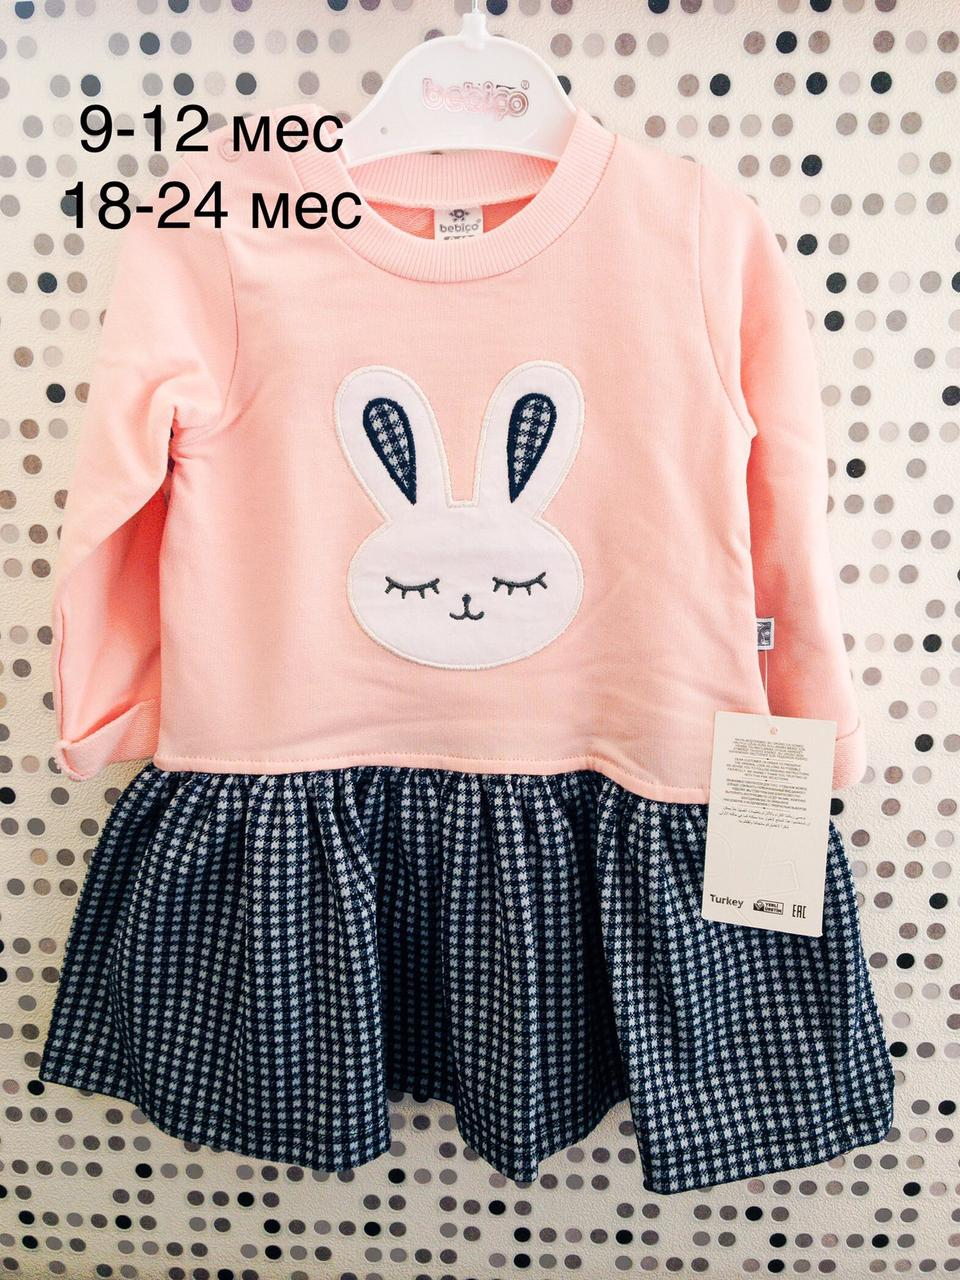 Нежное трикотажное платье для девочки Размер 9-12 и 18-24 месяцев